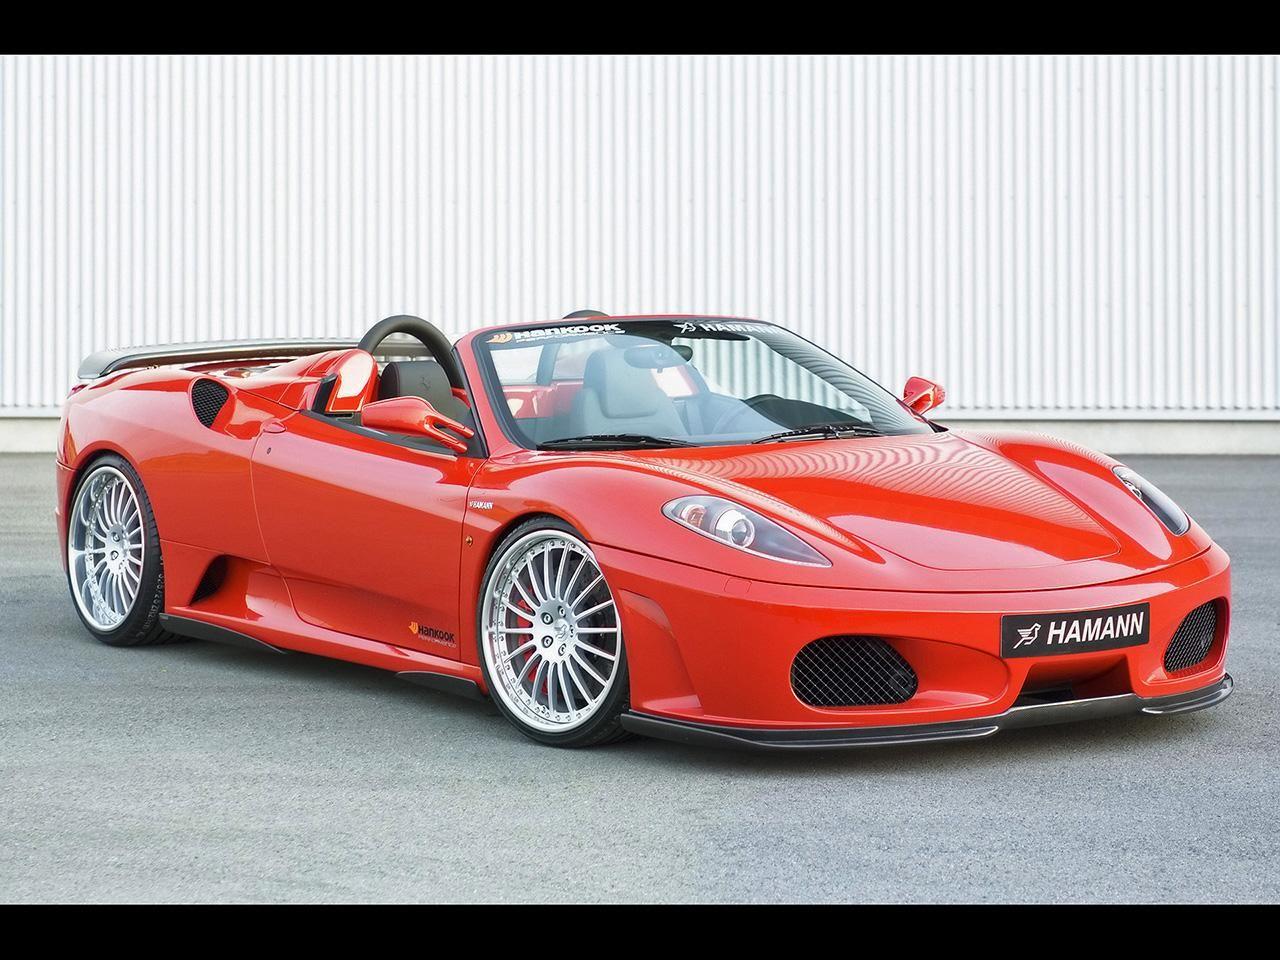 Ferrari F430 Spider Ferrari F430 Ferrari F430 Spider Sports Cars Ferrari